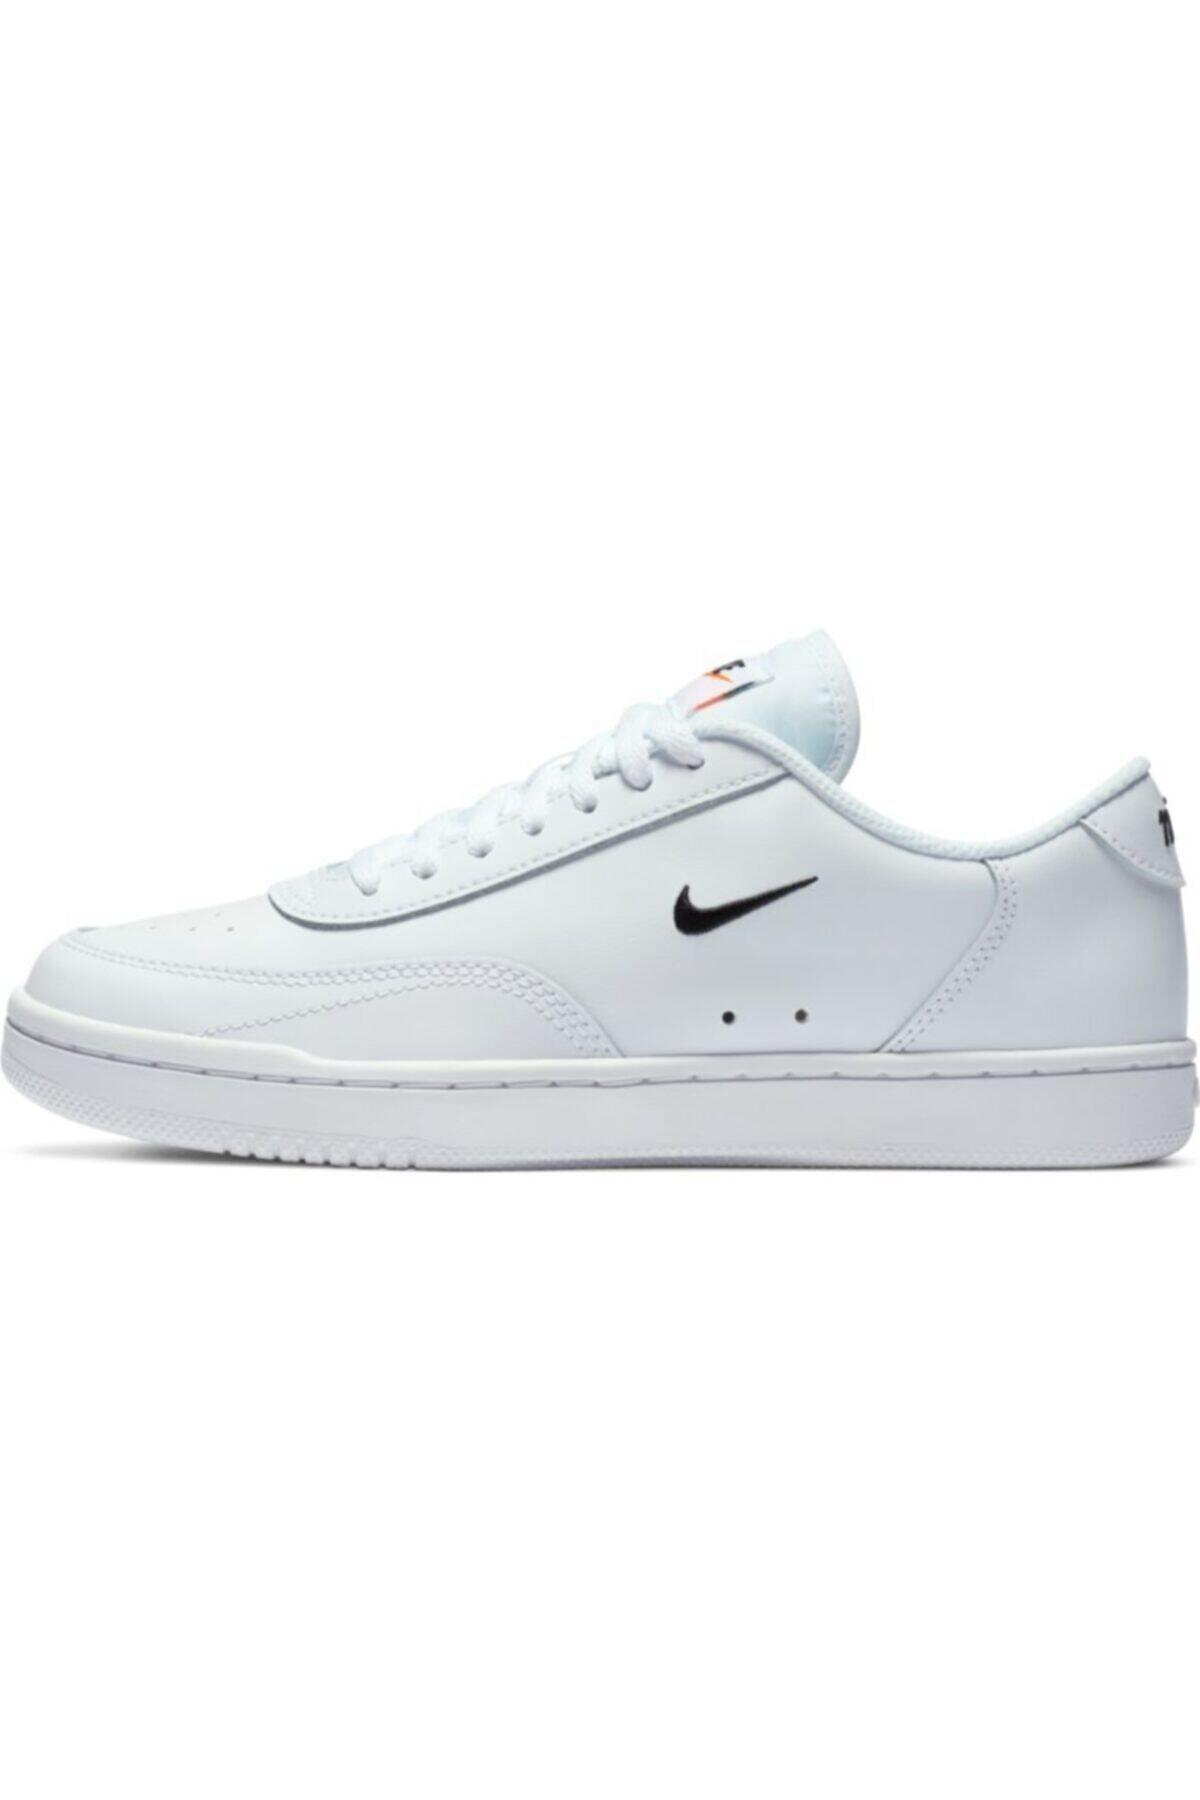 Nike Kadın Wmns Court Vıntage  Spor Ayakkabı Cj1676-101 2